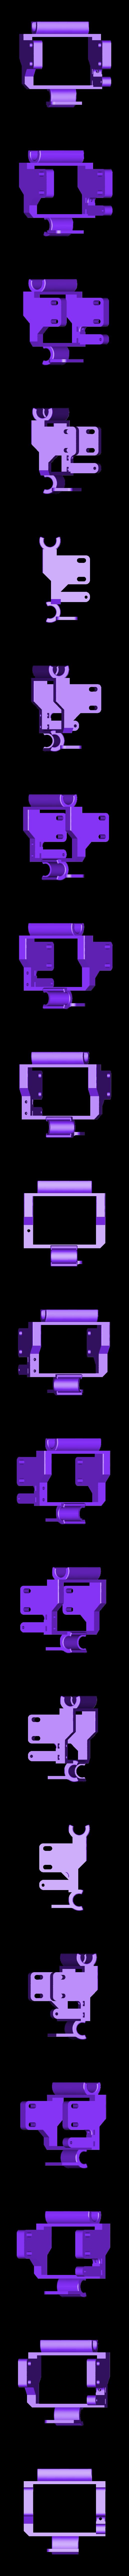 carriage.stl Télécharger fichier STL gratuit DaVinci Pro Dual E3D V6 Bowden Extrudeuse Pro Dual E3D • Objet pour imprimante 3D, indigo4